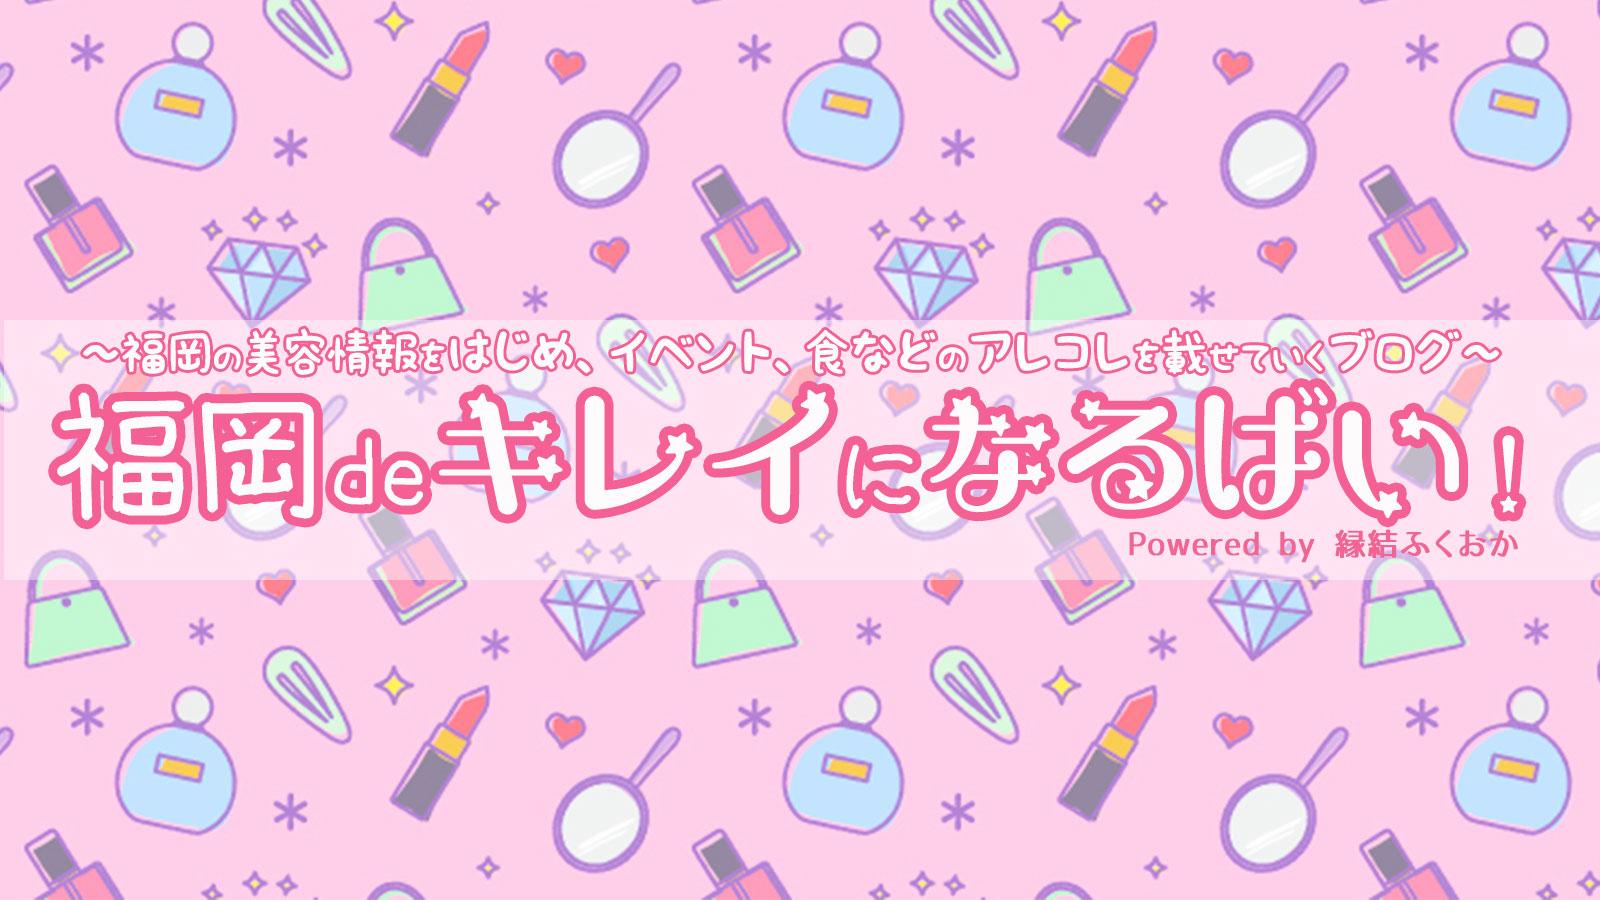 福岡の美容を始め、様々な情報をお届け☆